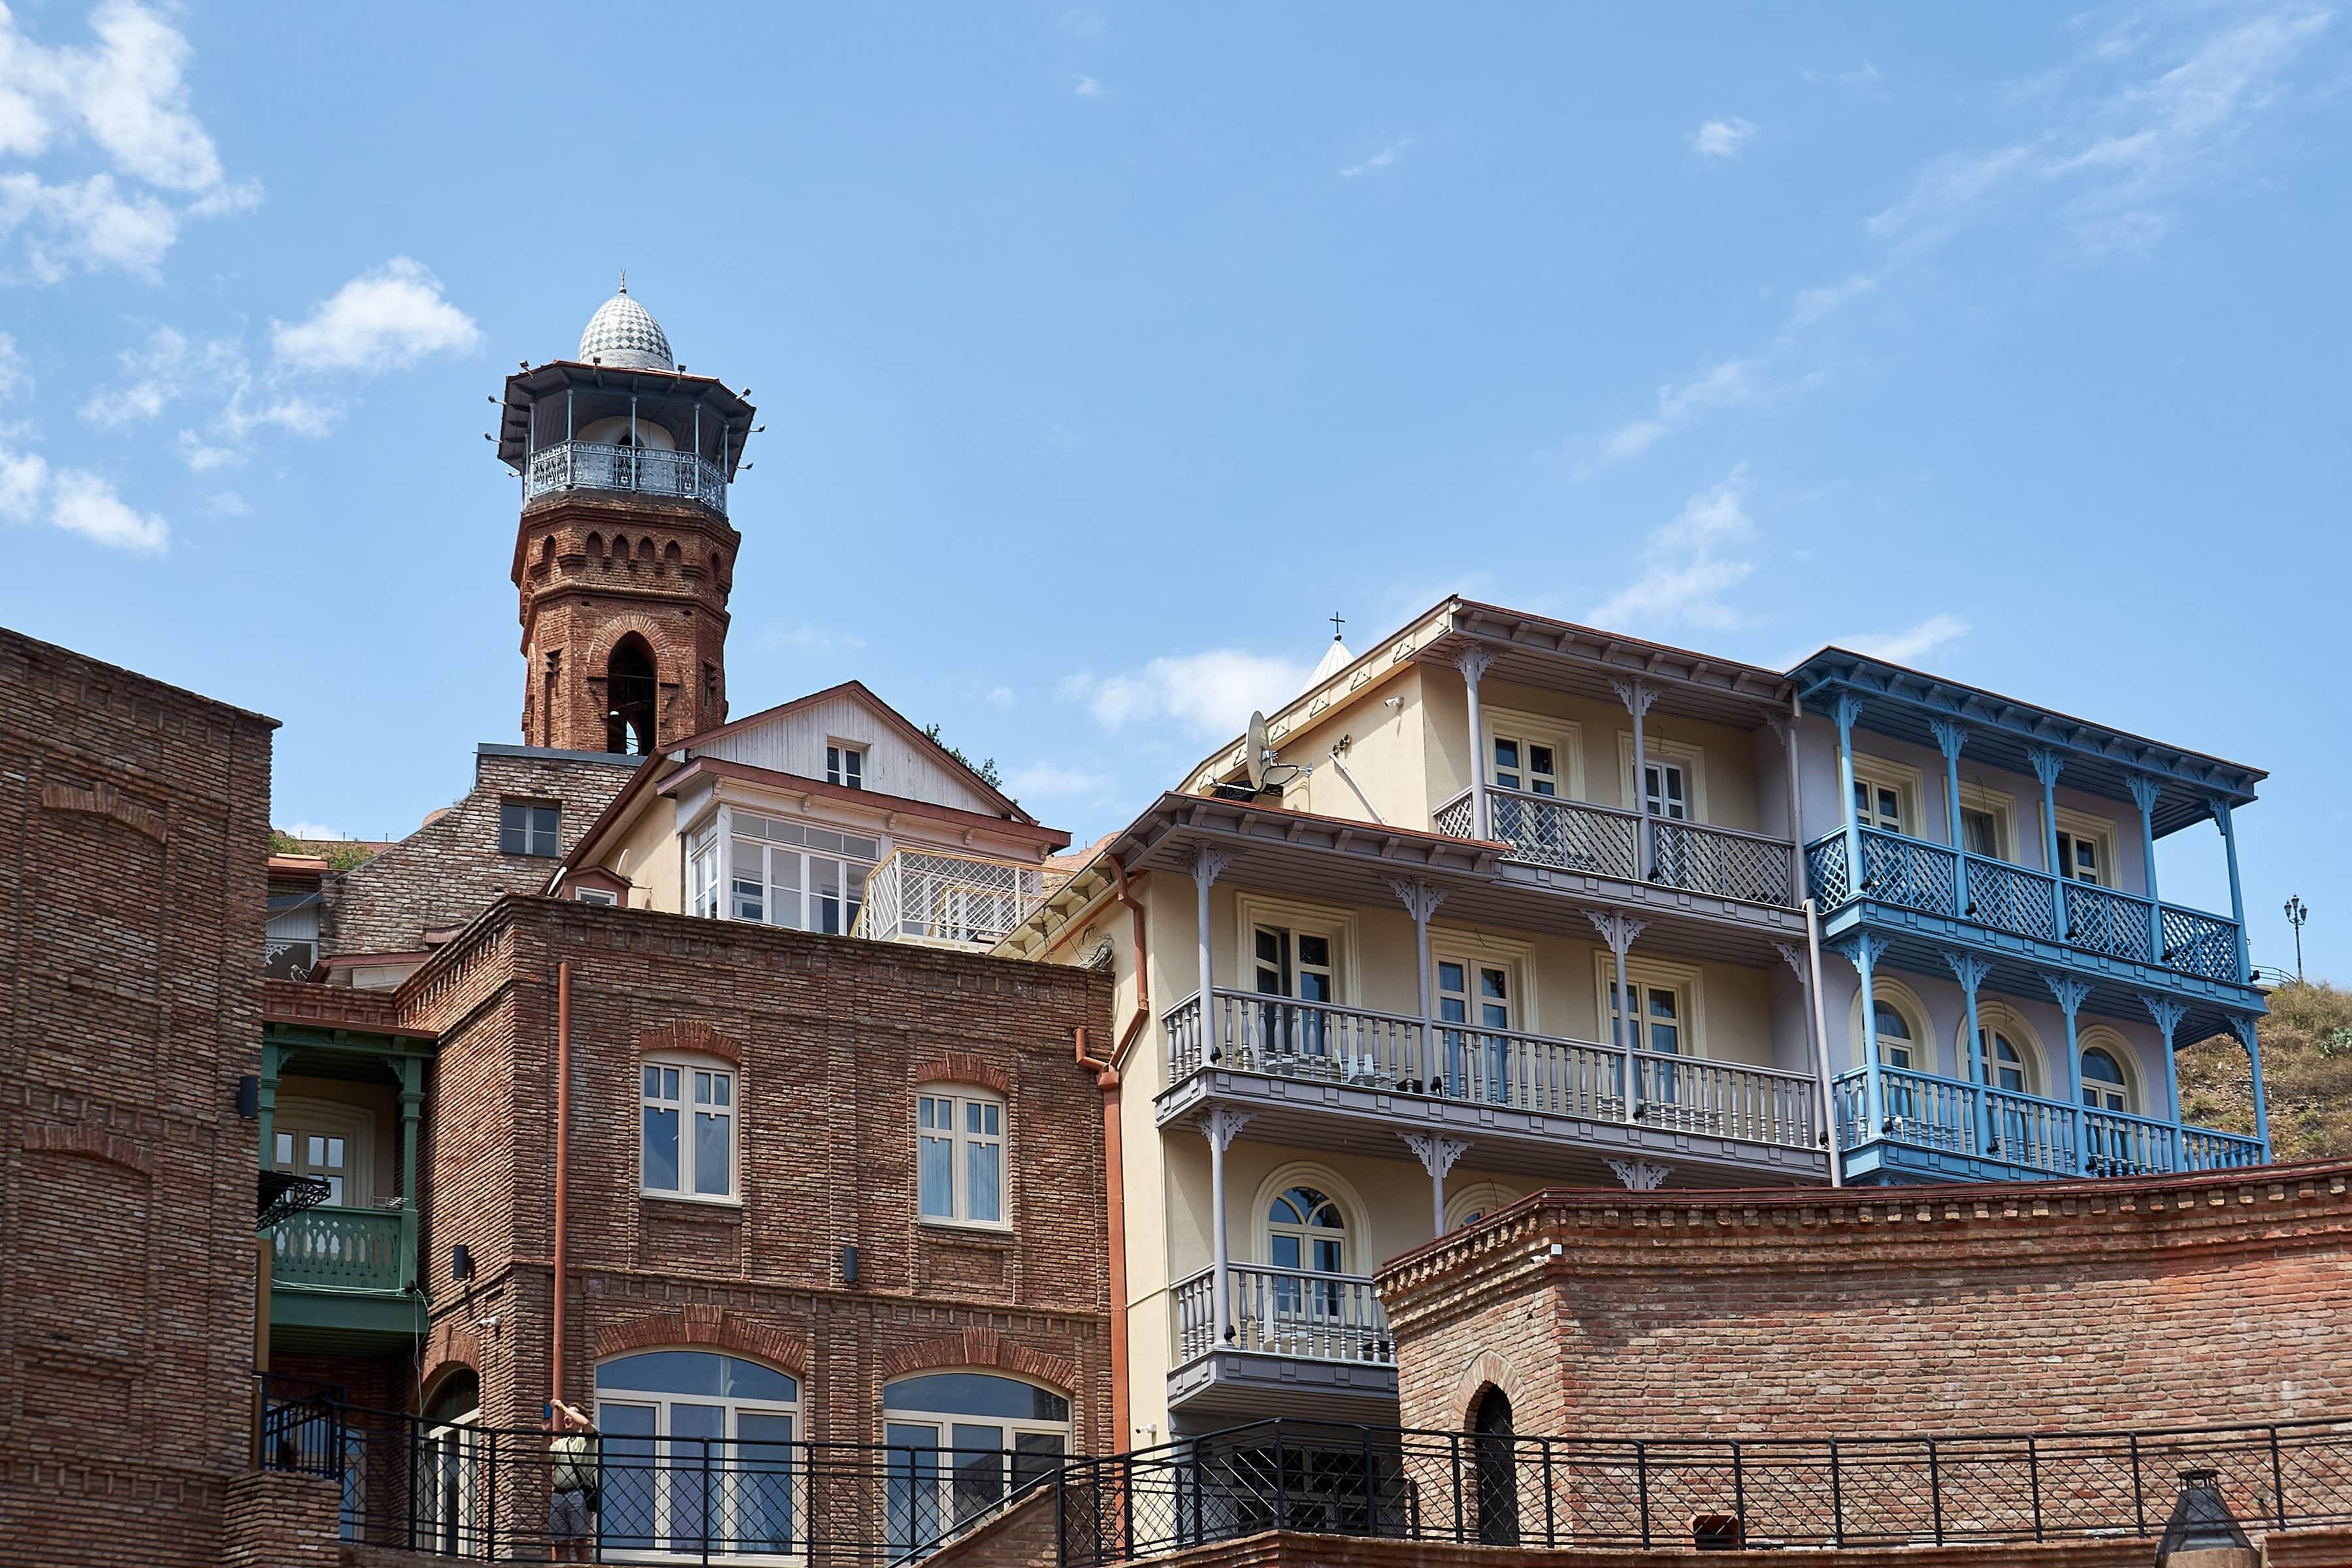 Häuser im Bäderviertel und Turm der Moschee